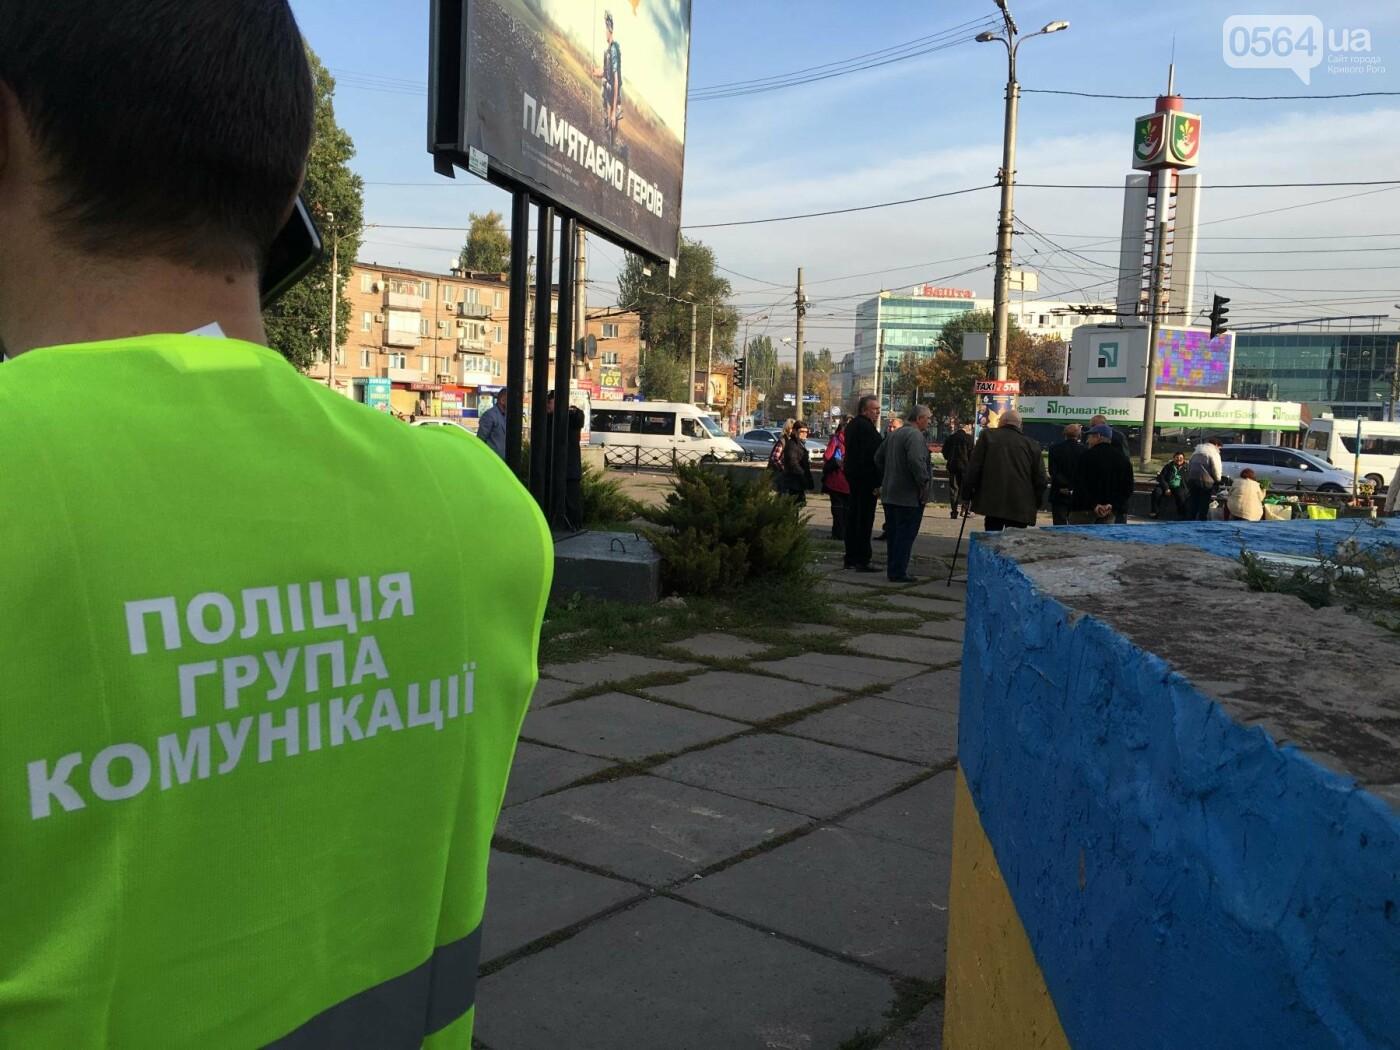 """""""Народ обнищал, отчаялся и никому не верит"""": Криворожане вышли митинг в поддержку политреформы  (ФОТО), фото-1"""